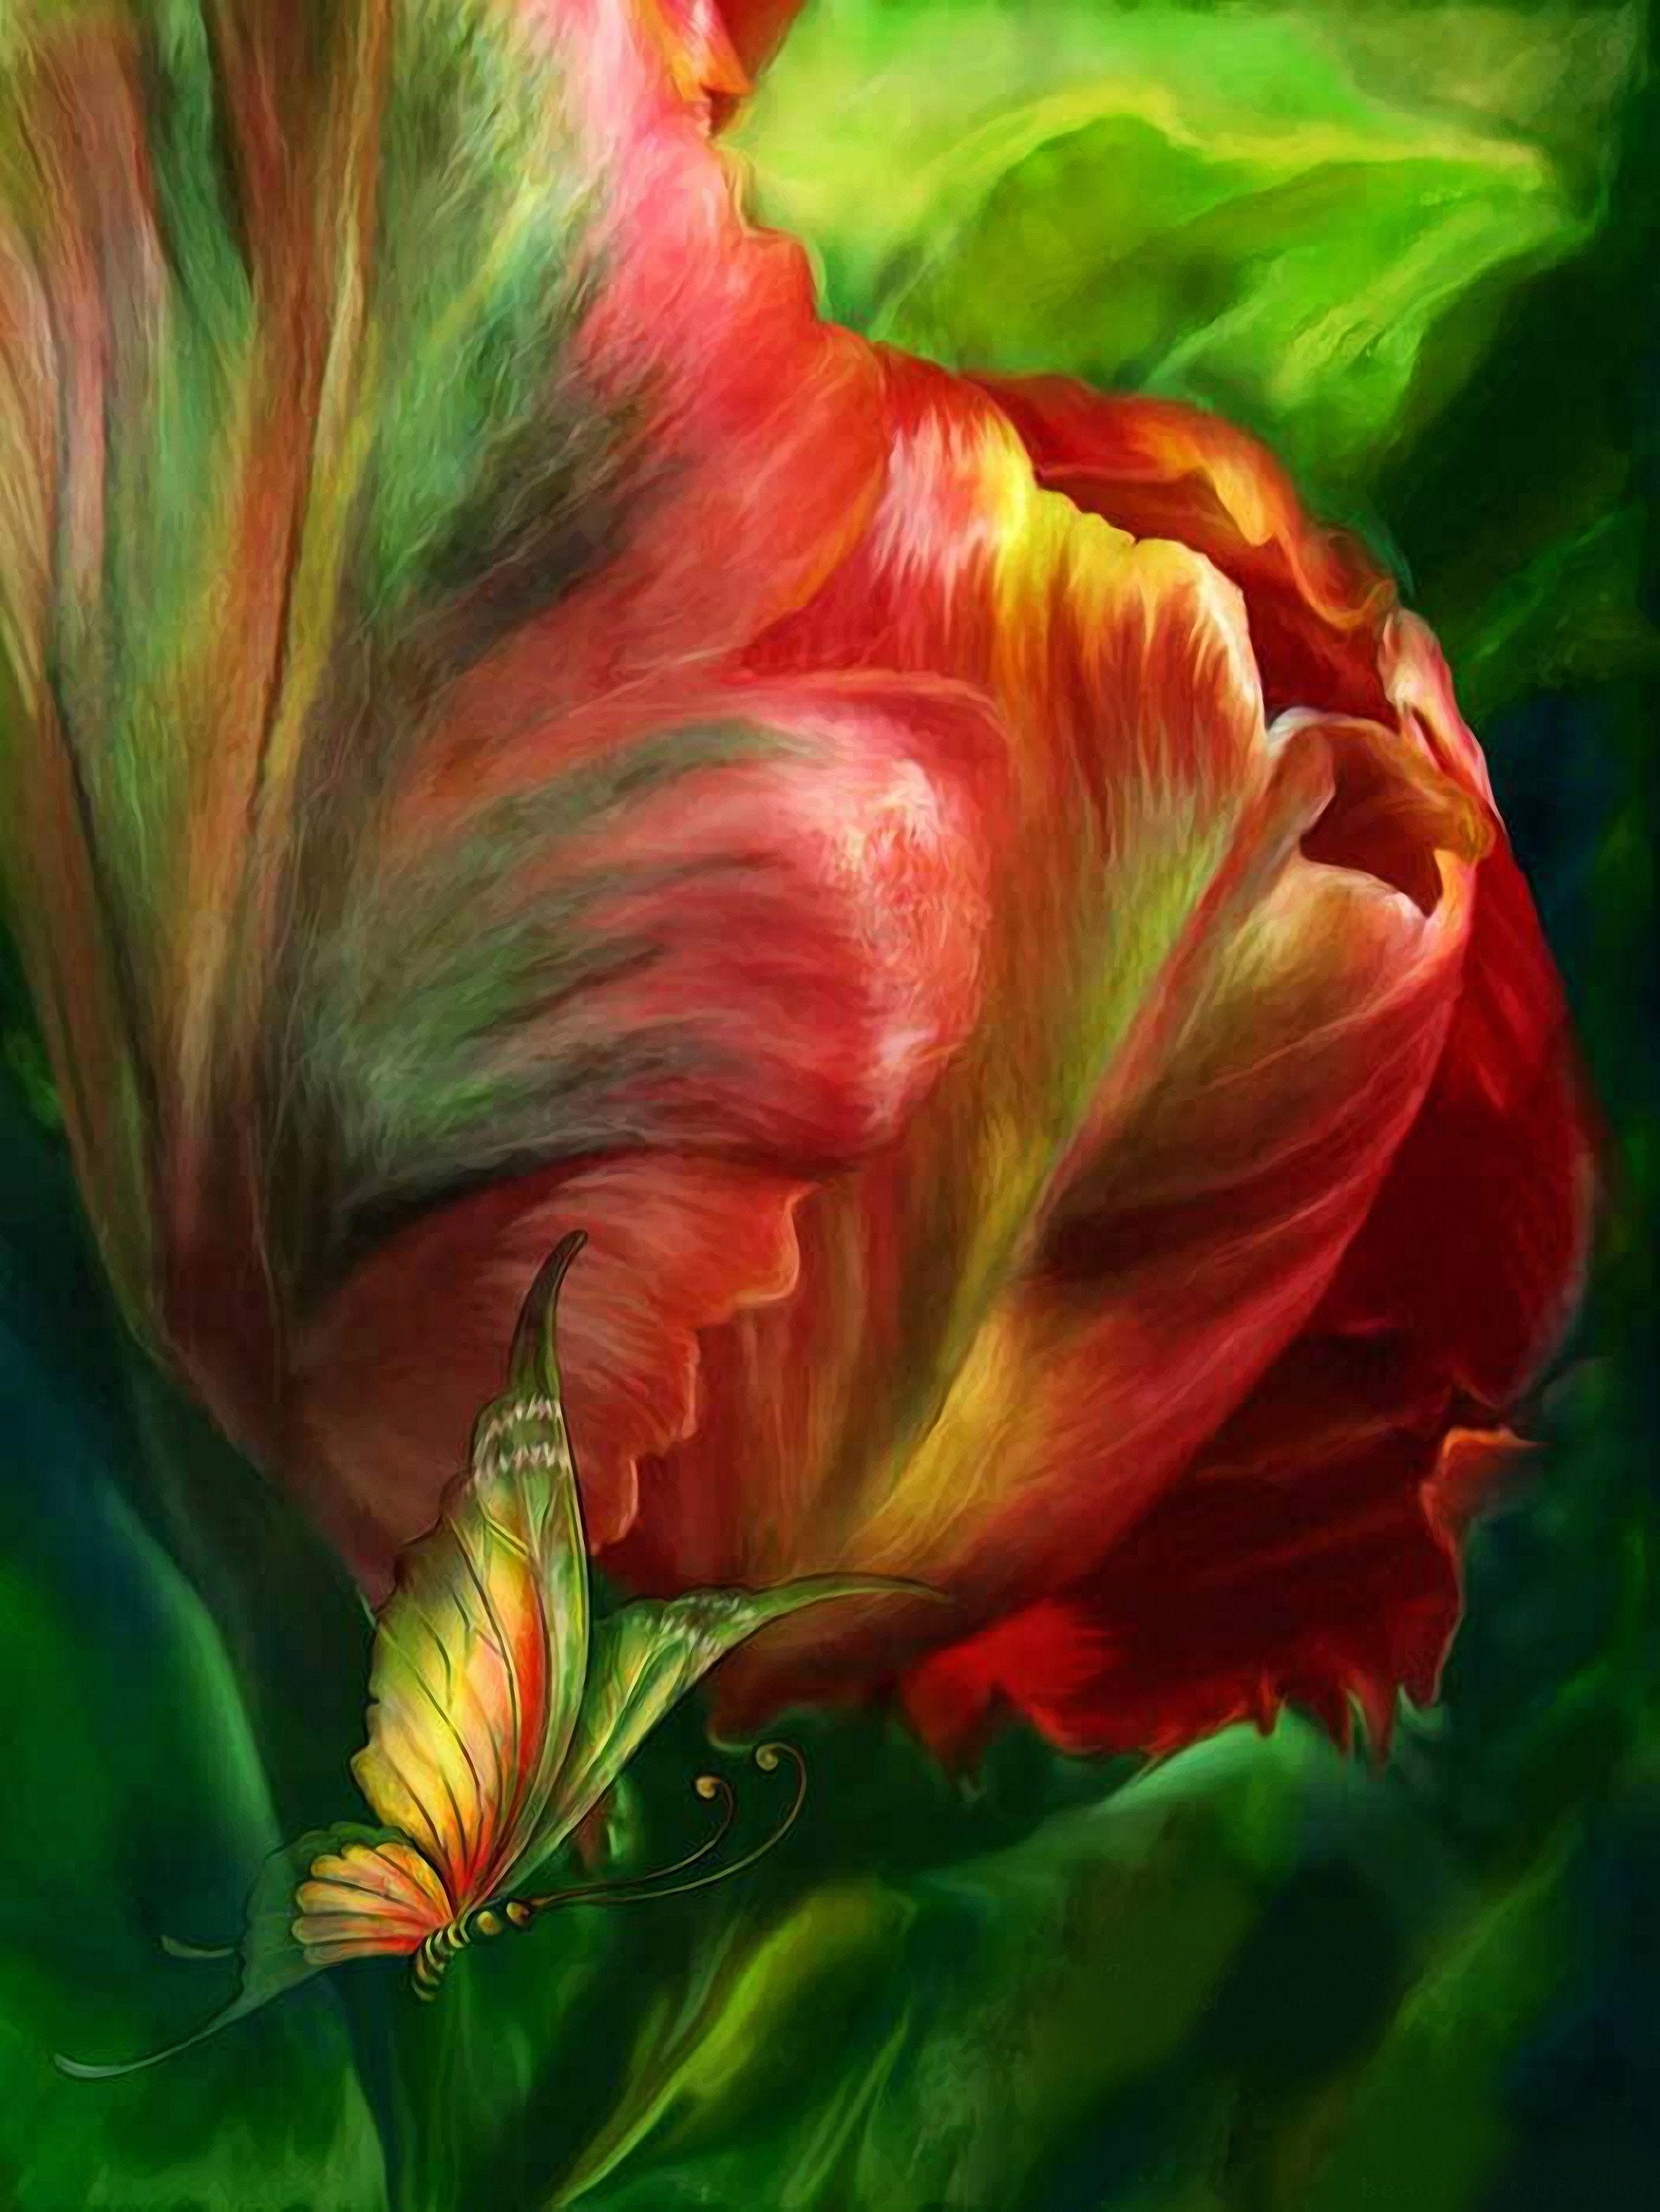 них картинки фантазийных цветов или искусственный камень